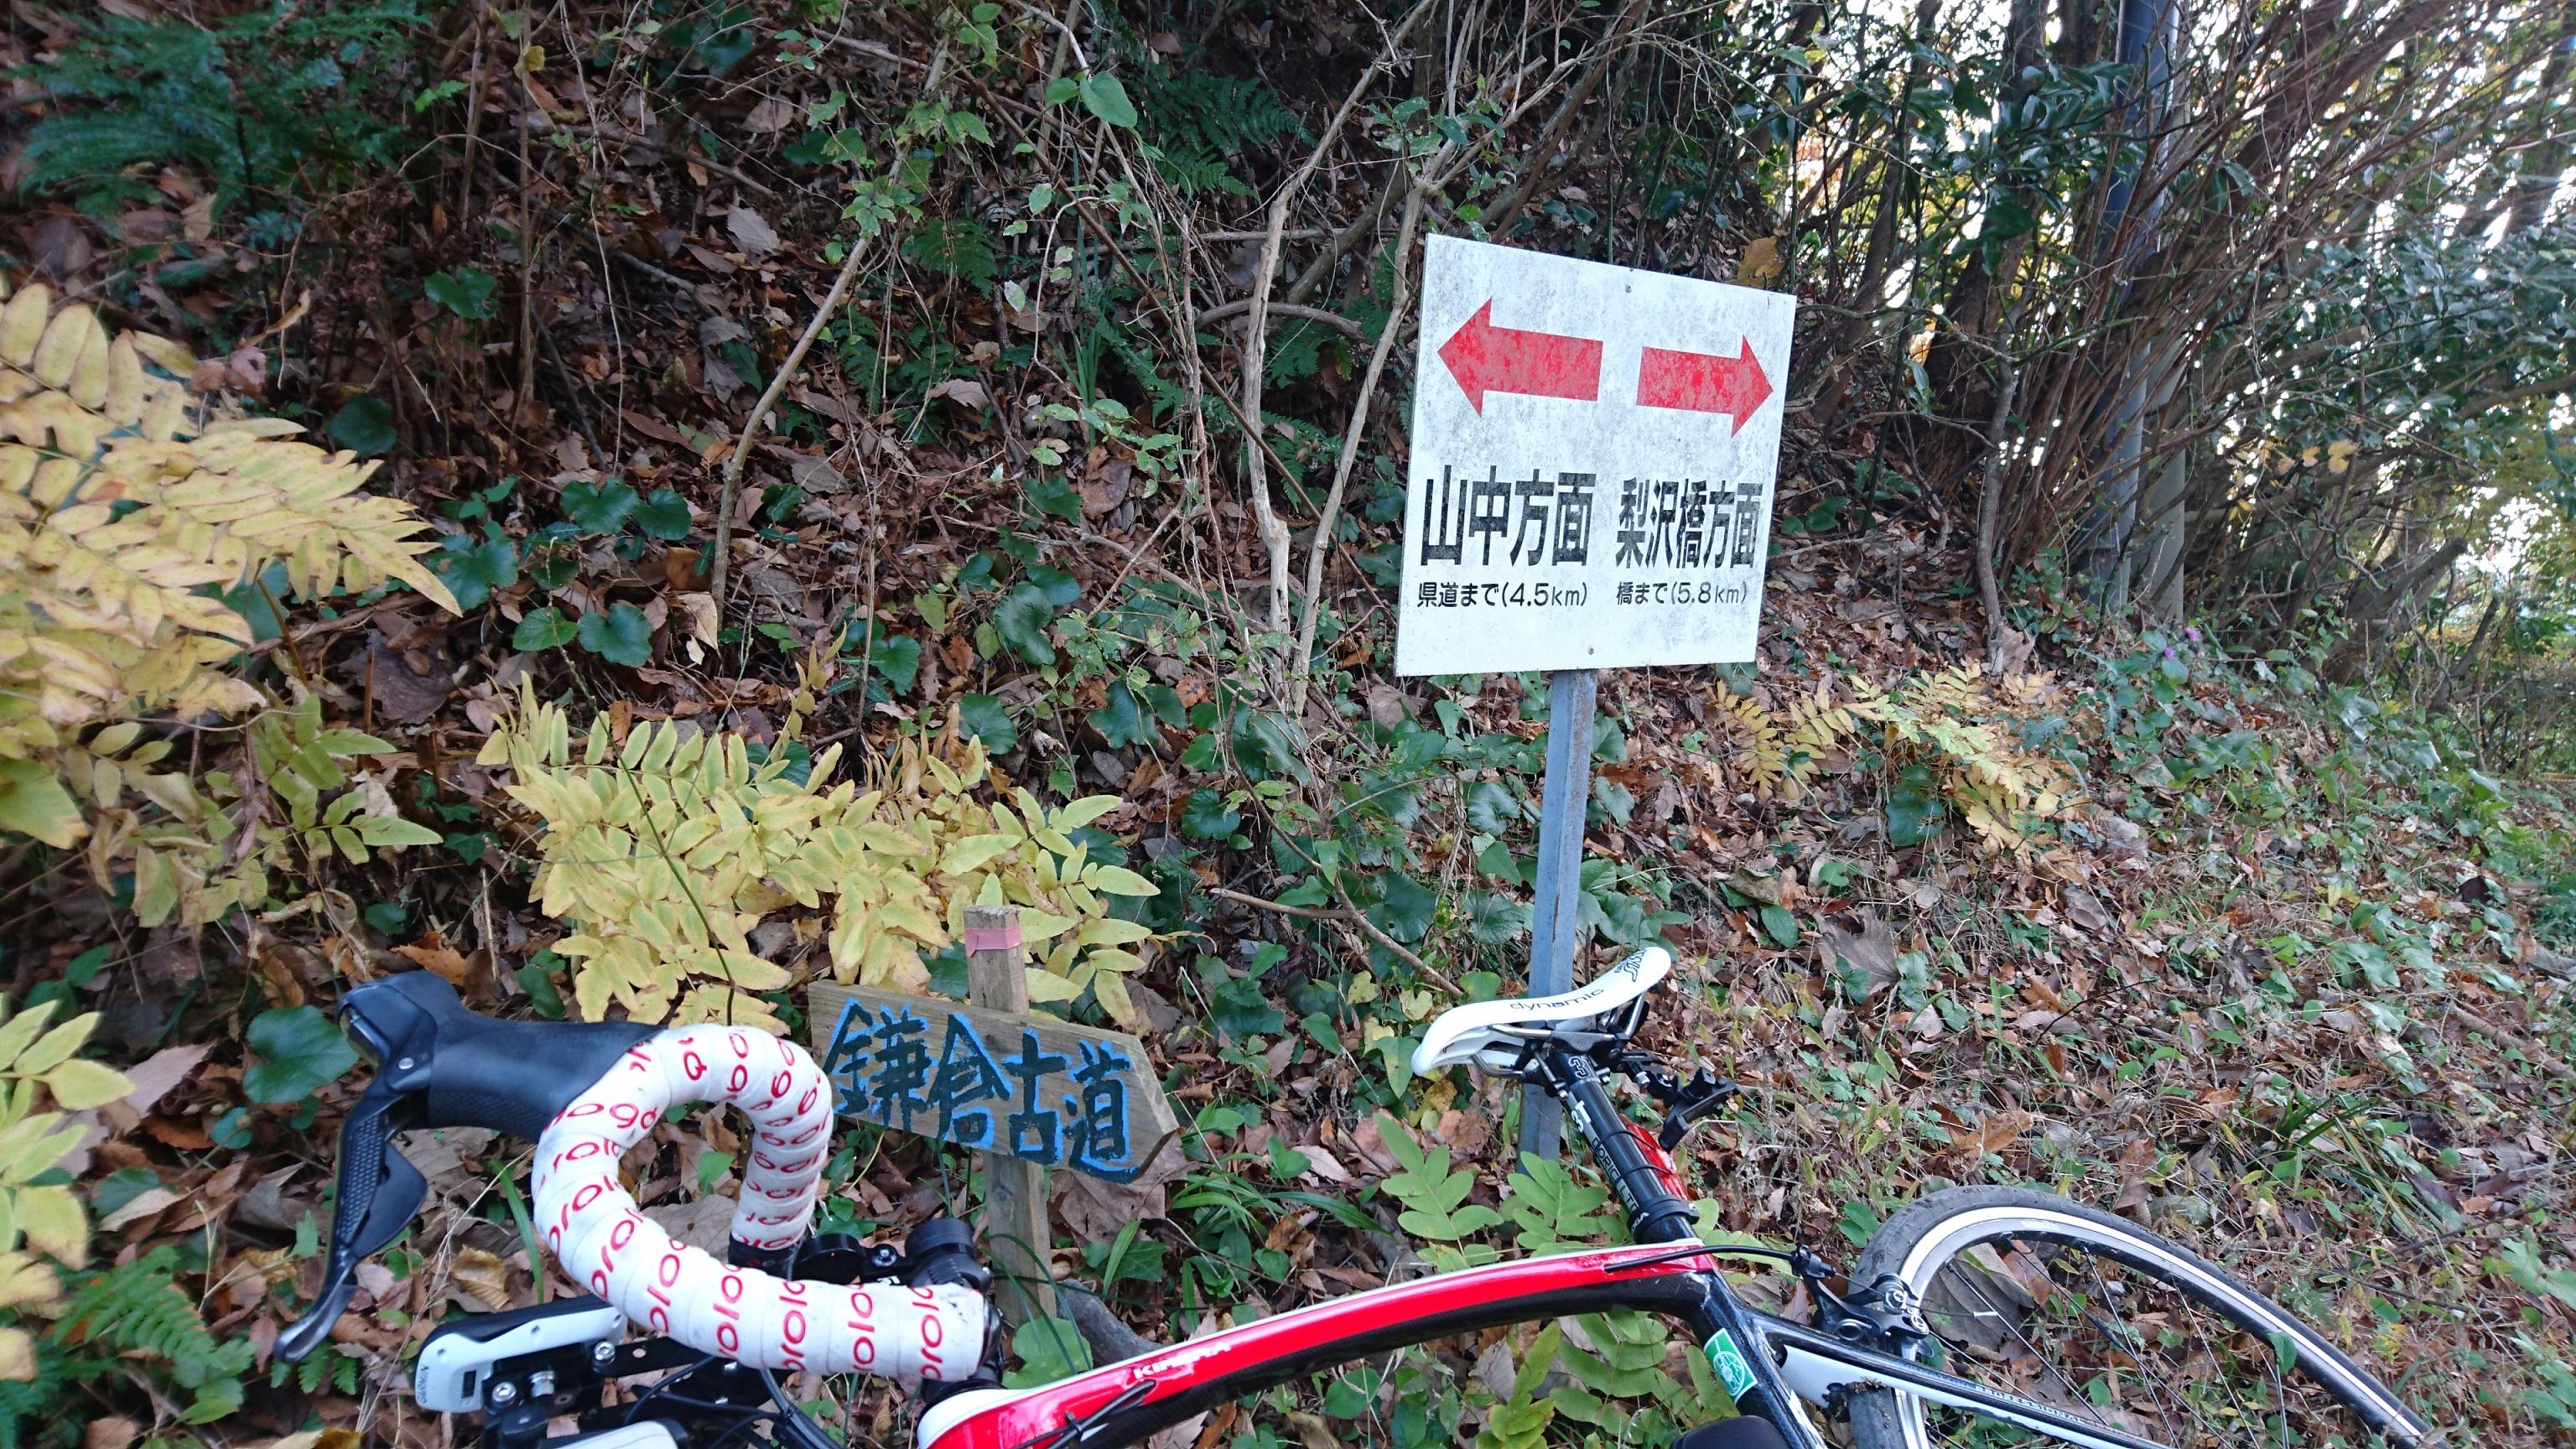 「鎌倉古道」が出てきました?千葉なのに?